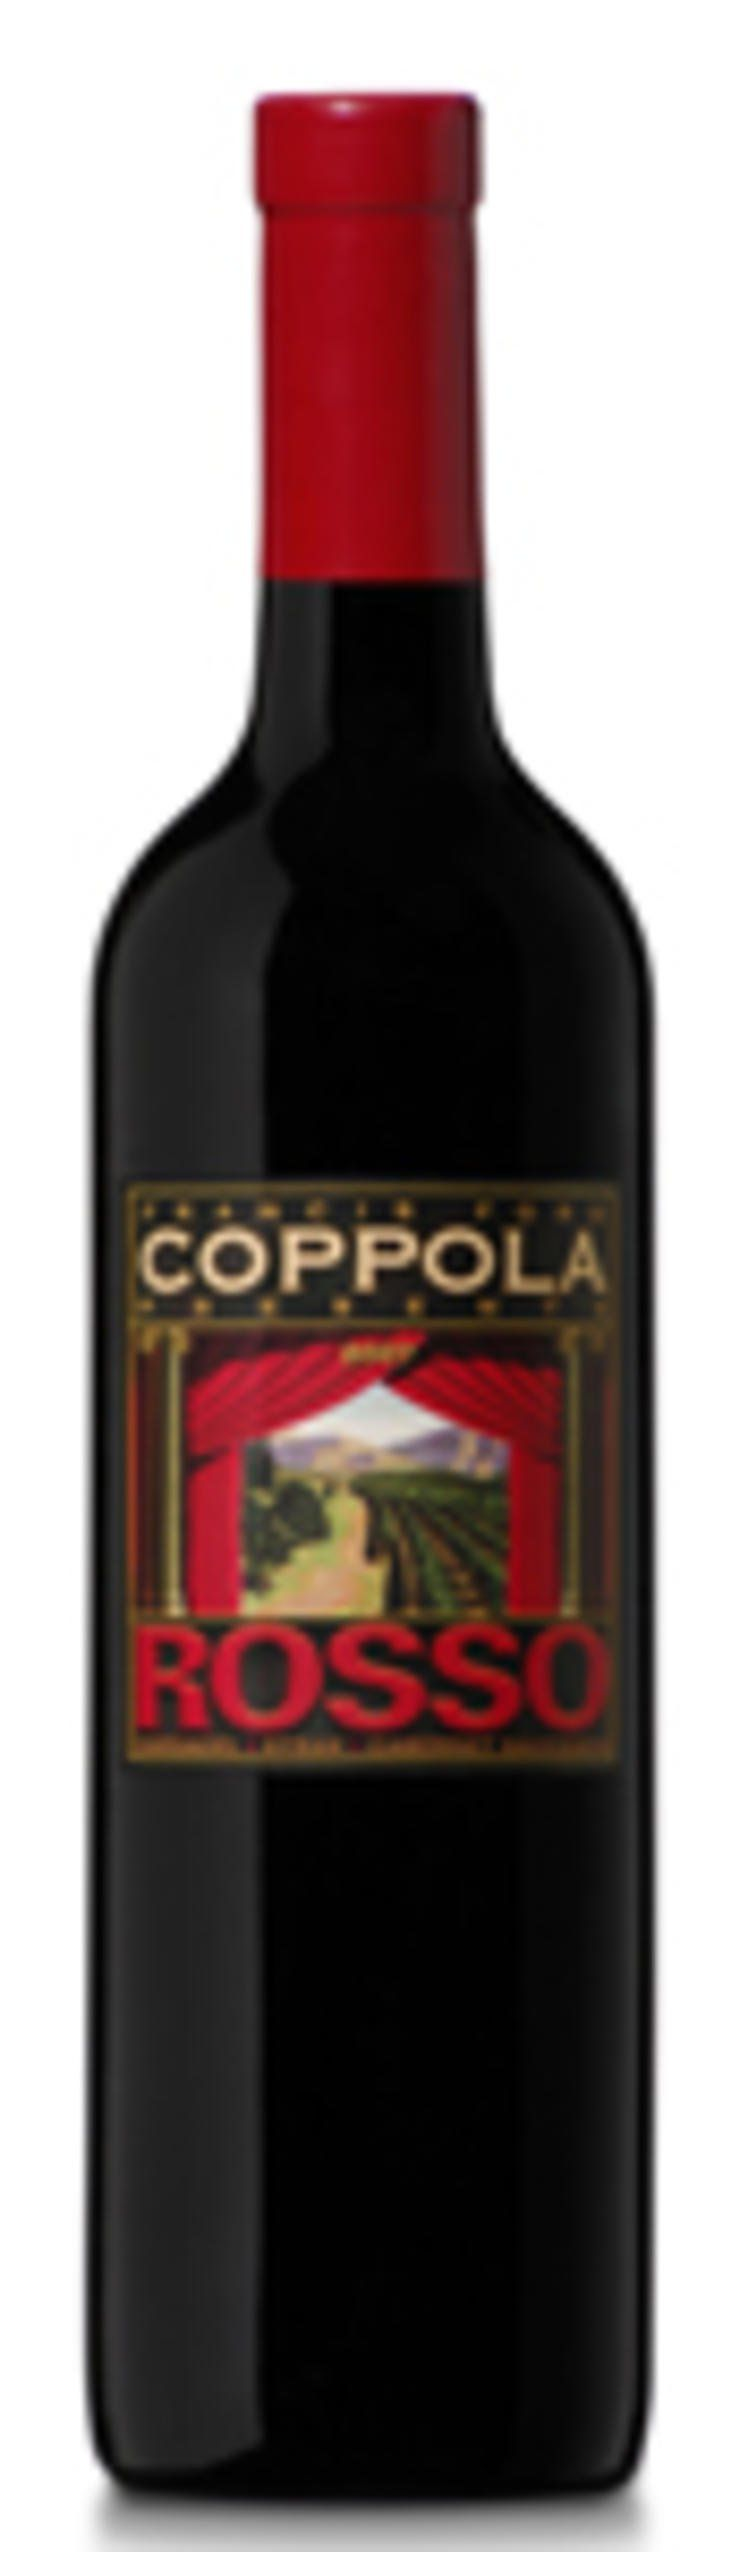 10 Best Wines Under 15 Cheap Wine Wines Wine